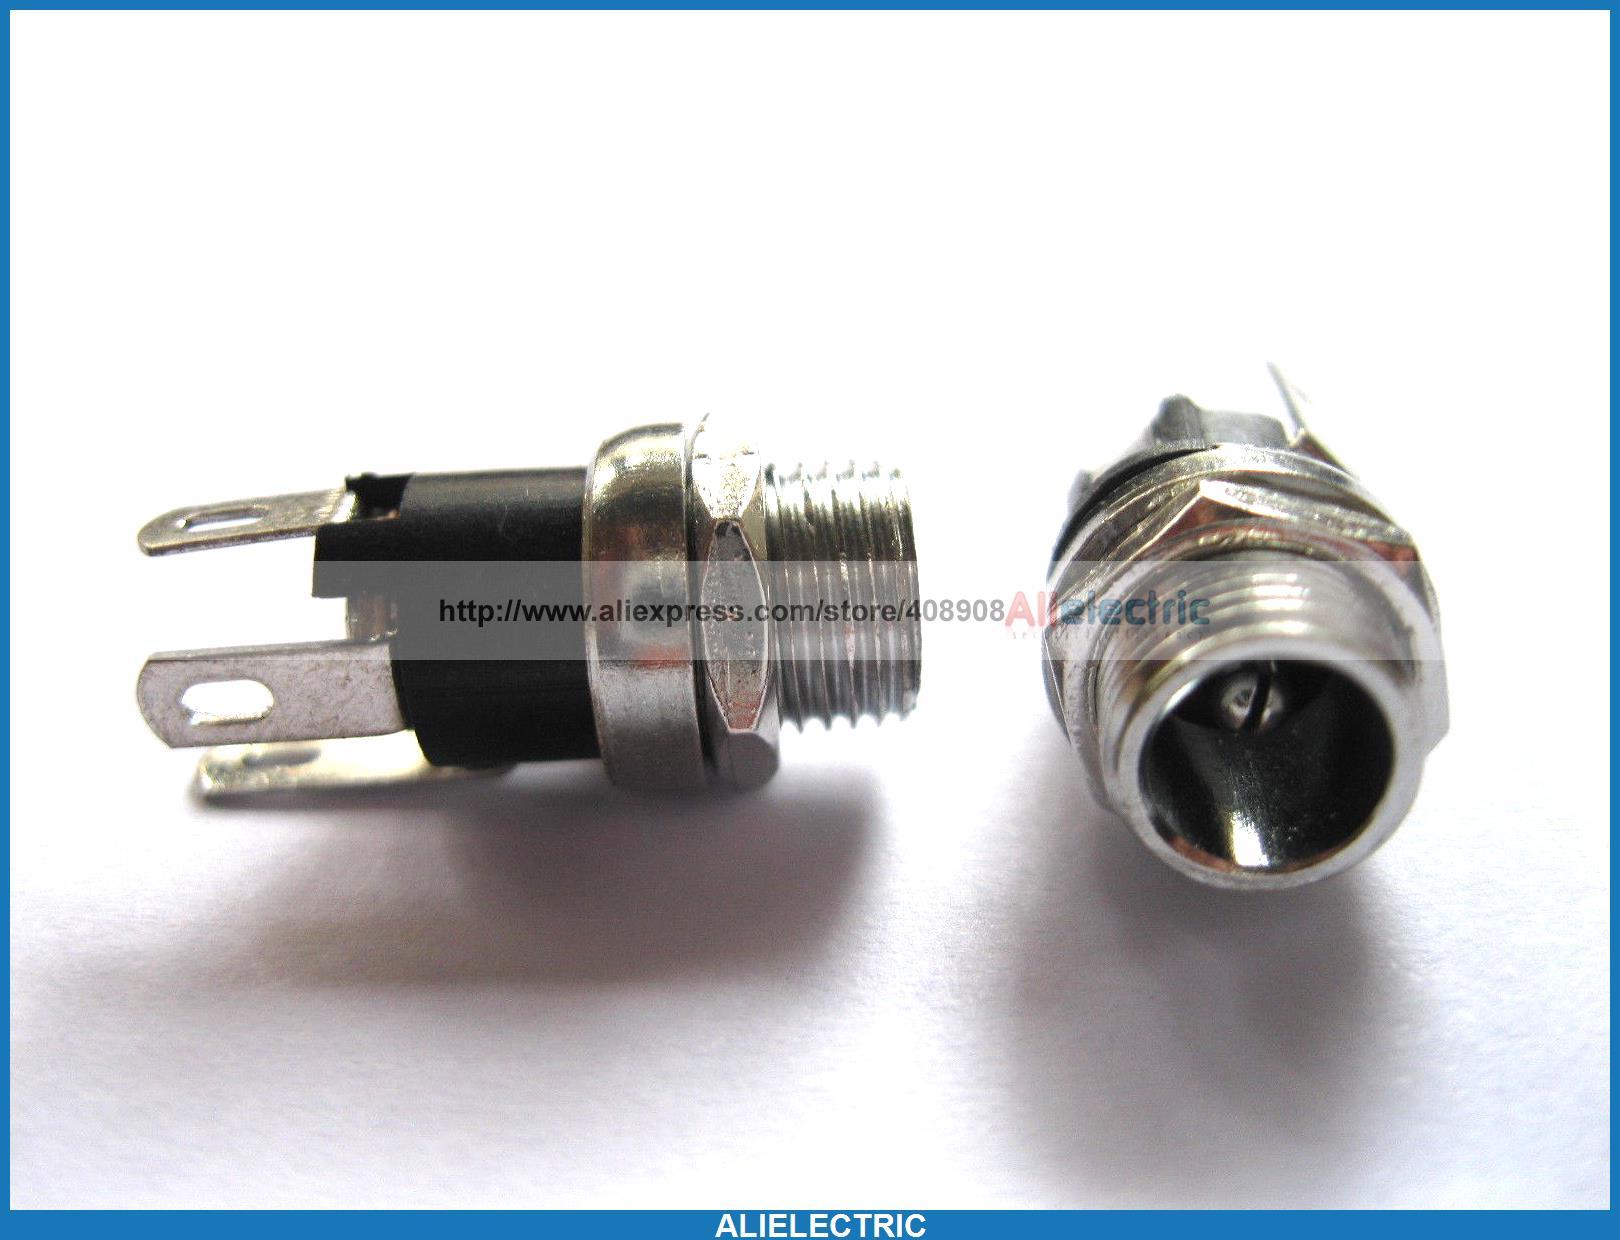 100 pièces prise d'alimentation cc Type de vis broche 2 0mm DC025 L 21mm